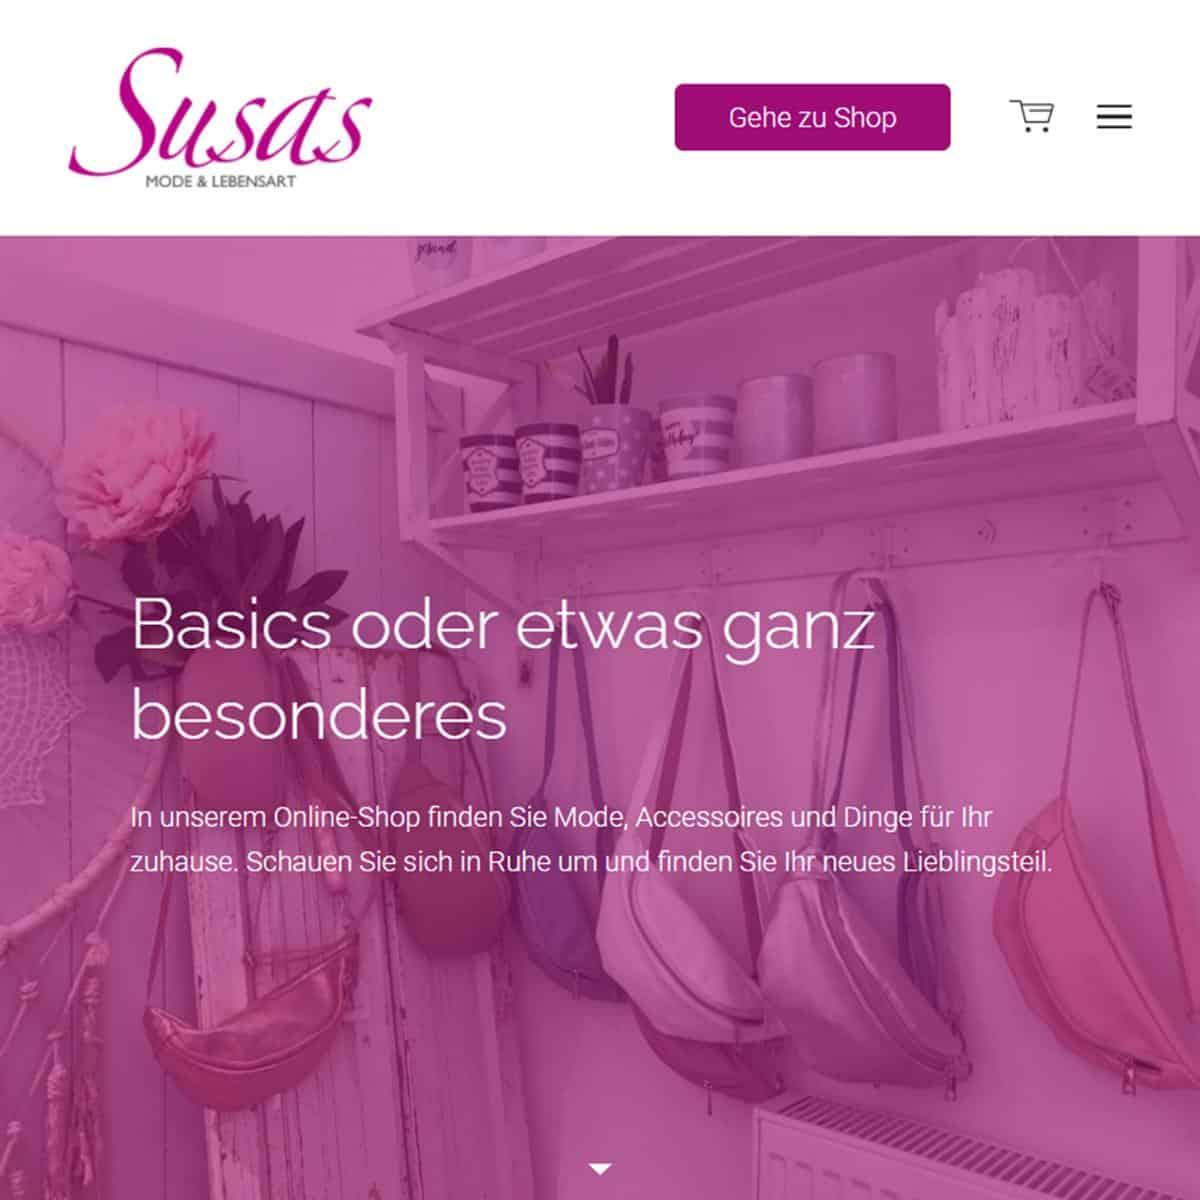 Style Hannover Susas Online Shop B - Susas Mode & Lebensart - ONLINE Shop